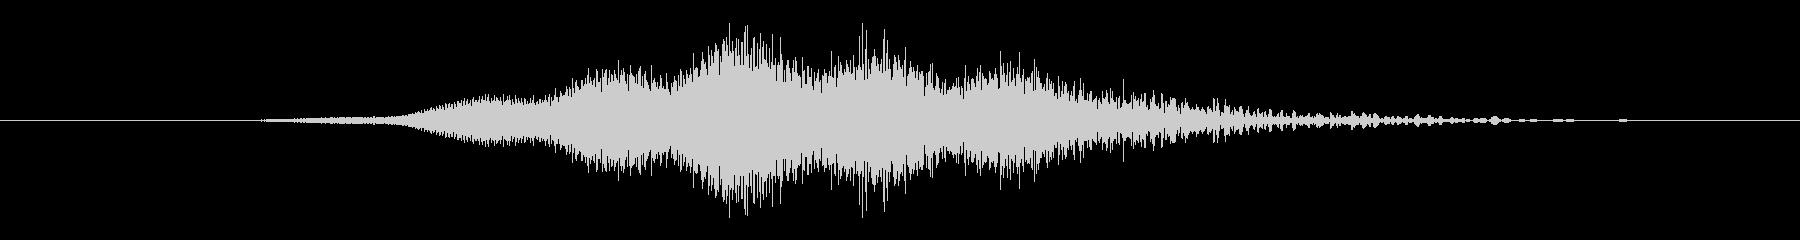 特撮 ホログラム表示08の未再生の波形